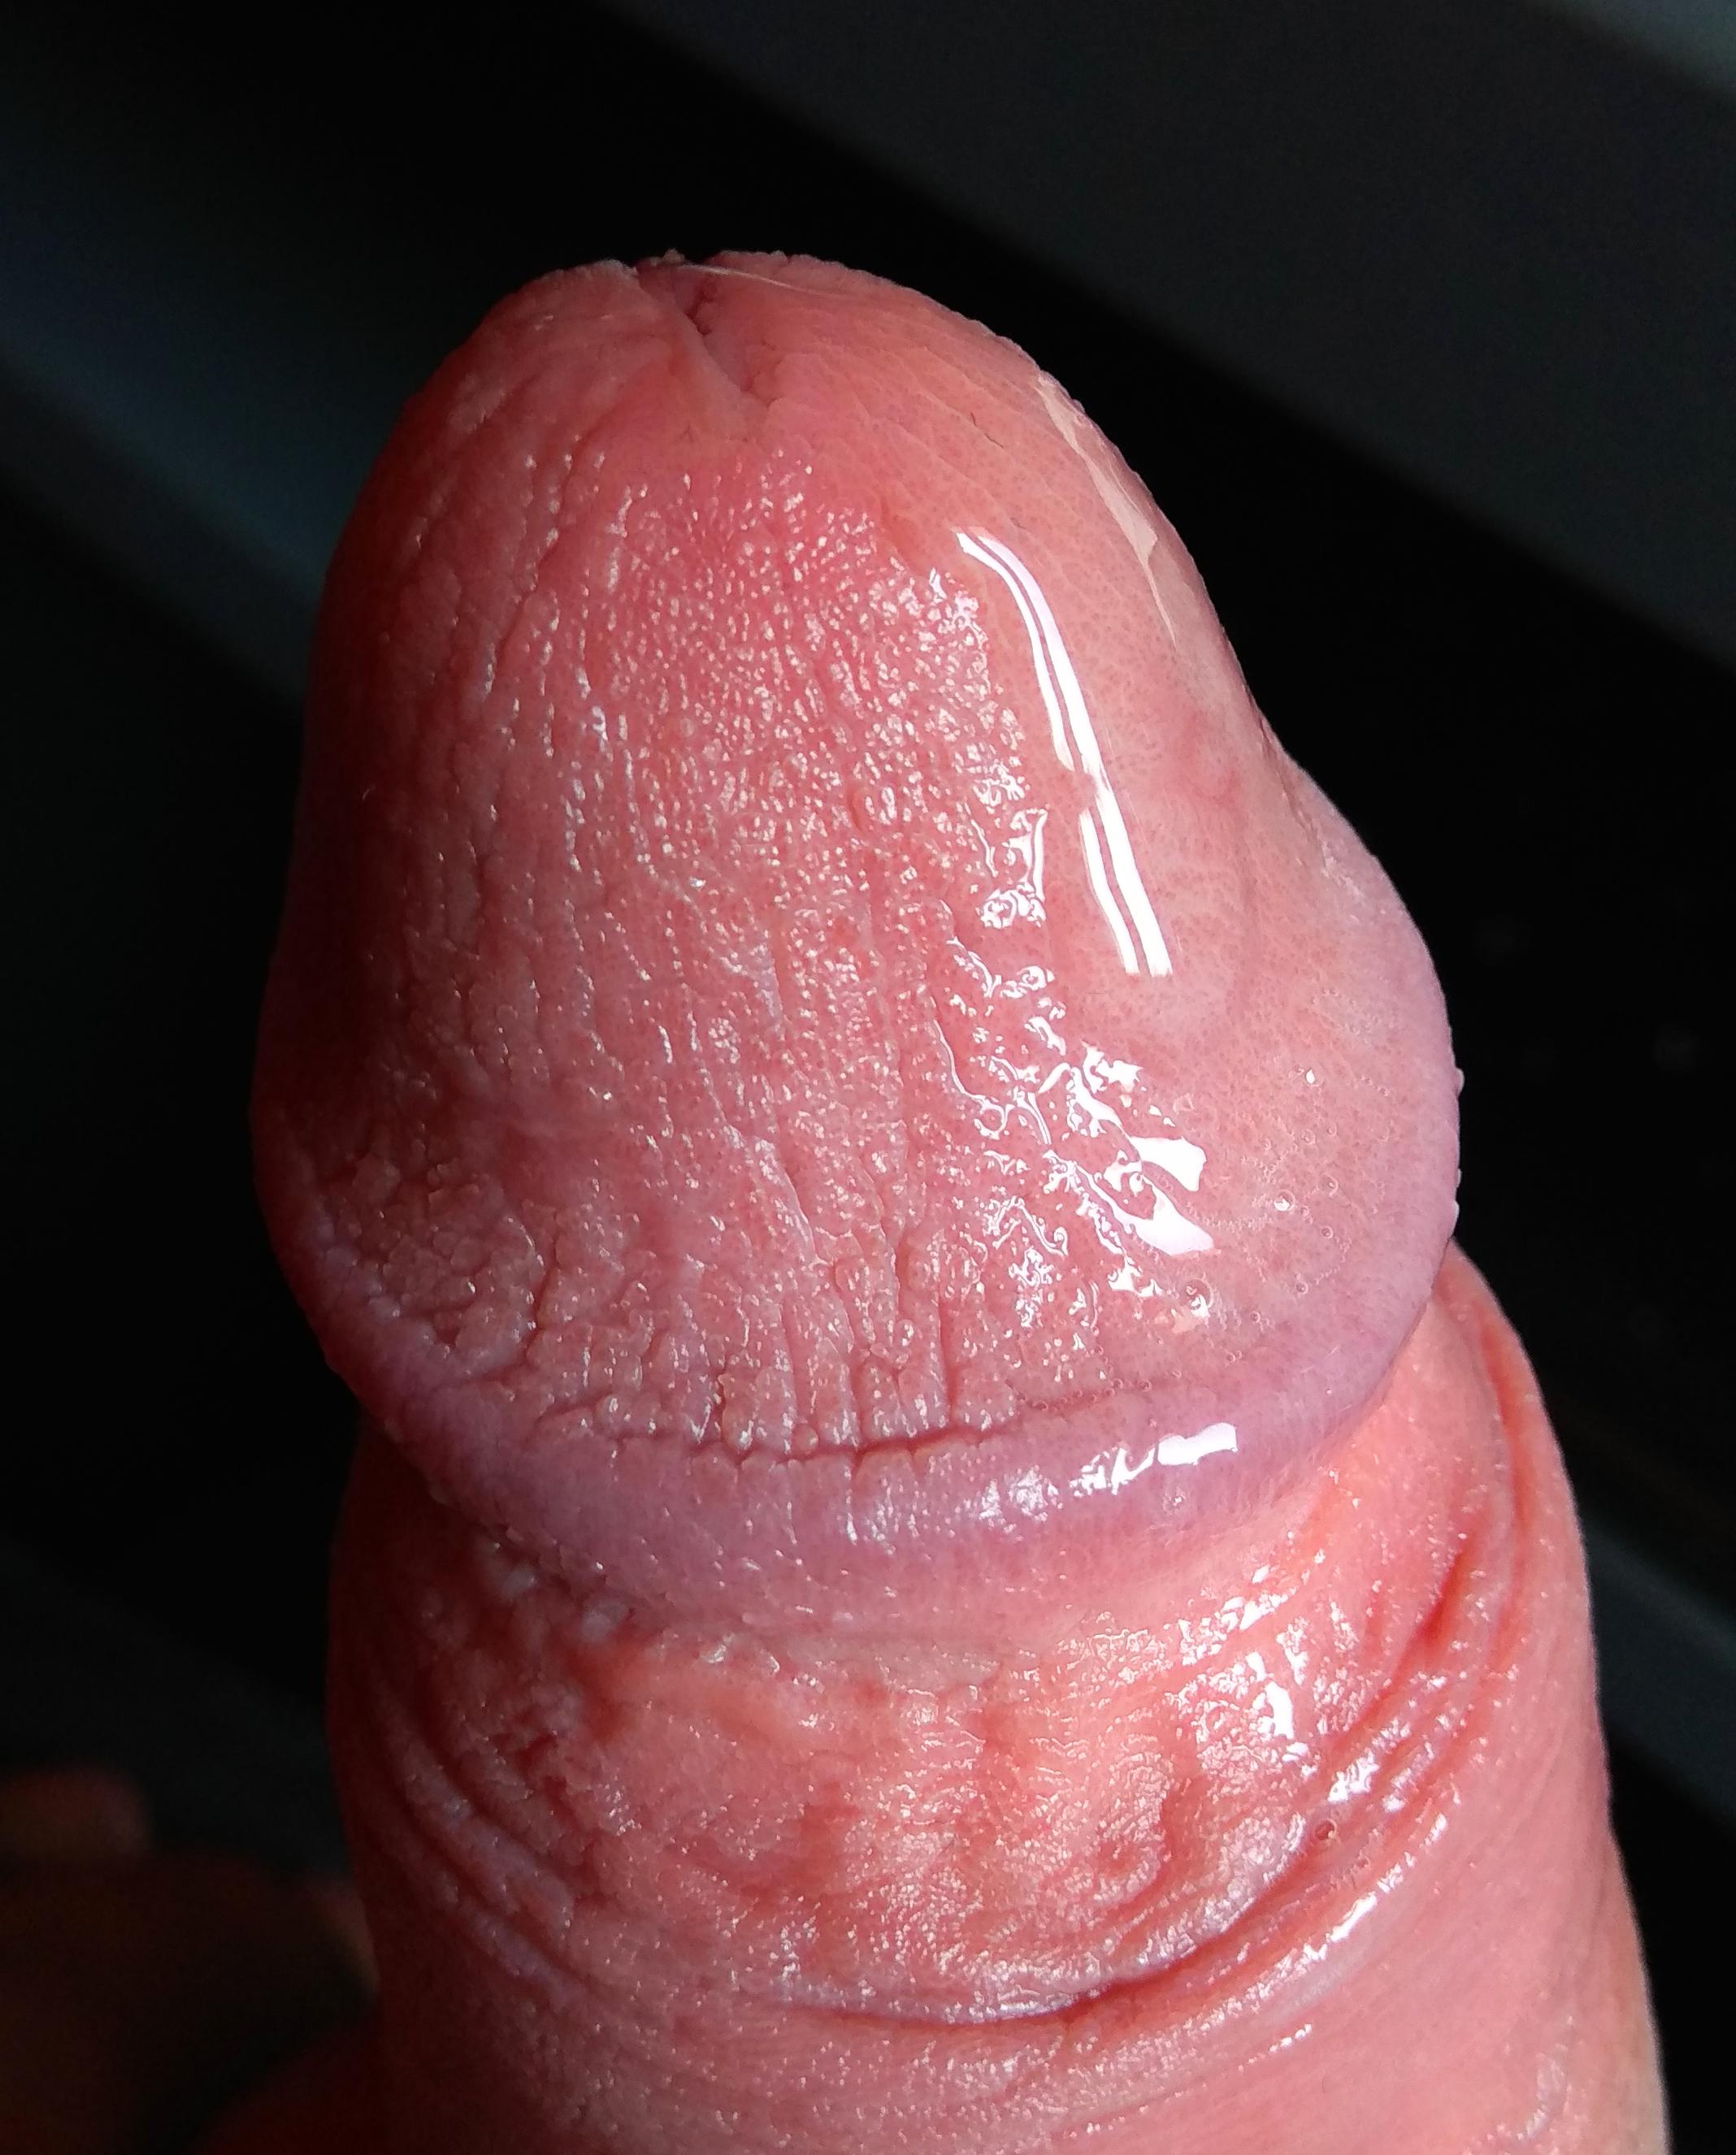 erekció közben nyomja össze a péniszt